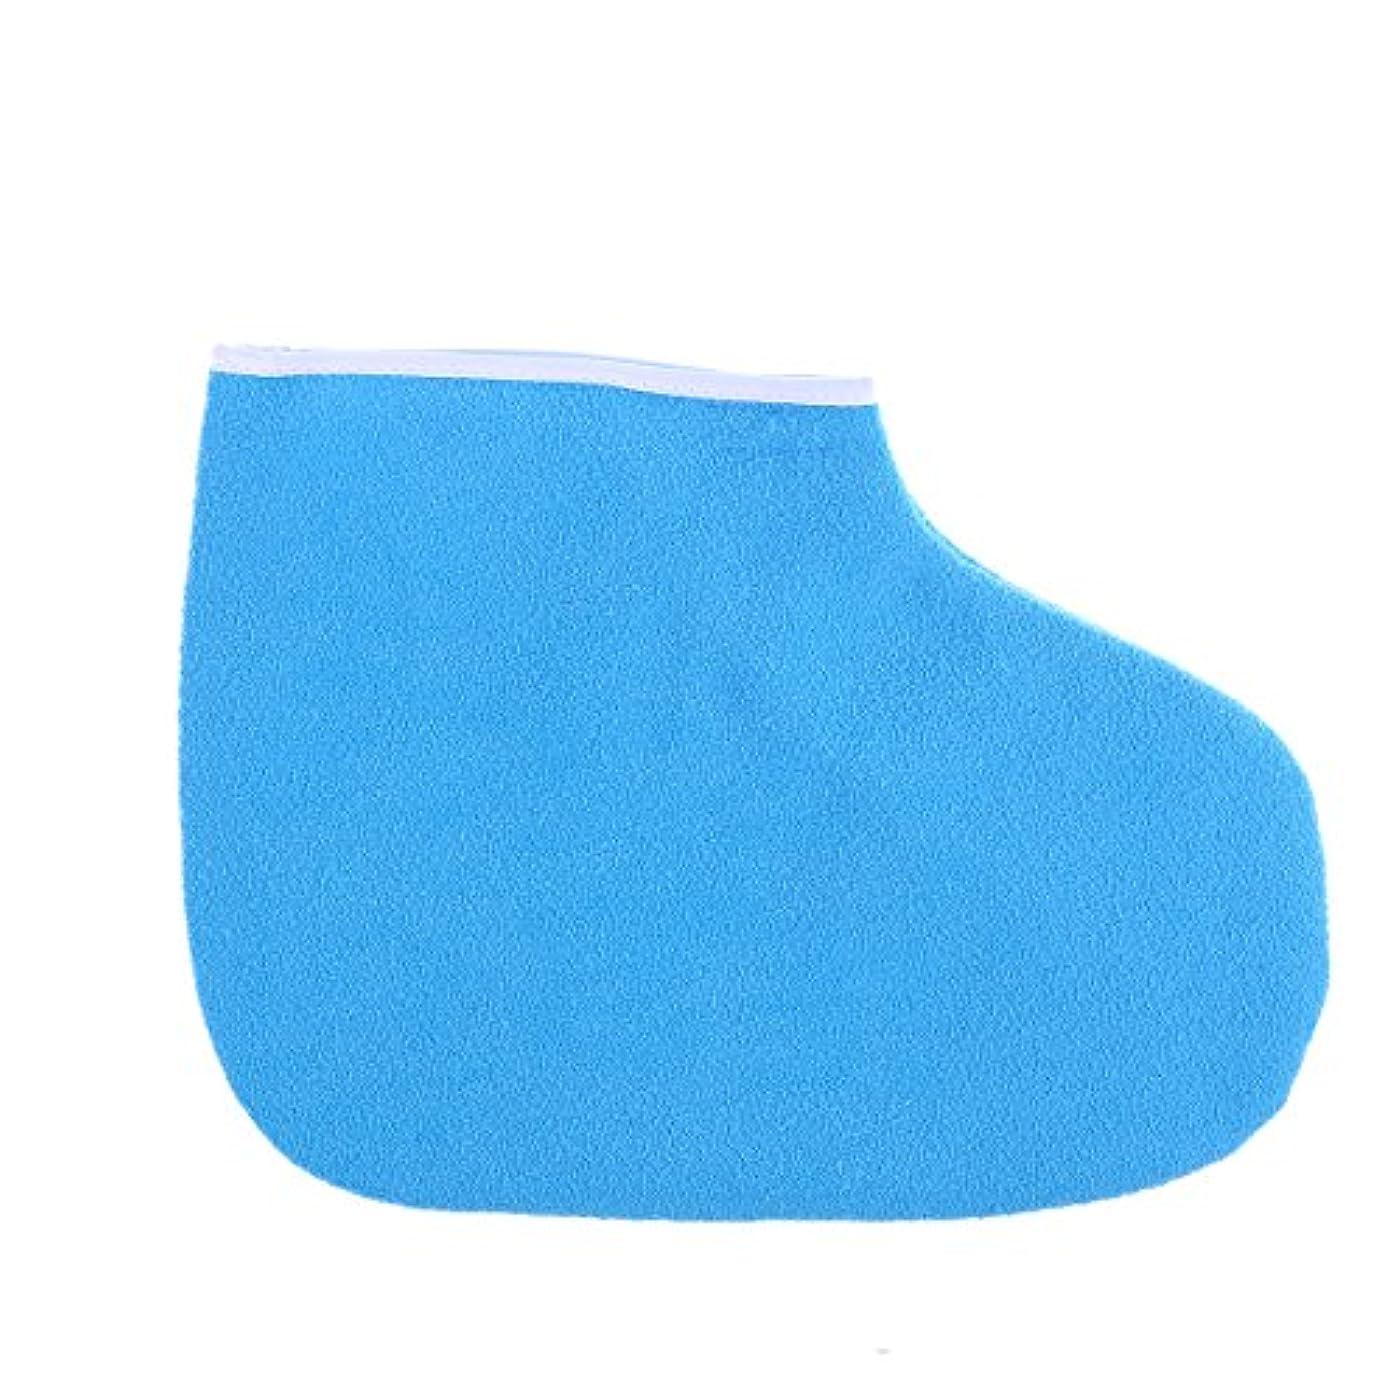 状態ビデオ空いているHEALLILY パラフィンブーティワックスバスフットスパカバー温熱療法絶縁ソフトコットン保湿フットストラップ(ブルー)